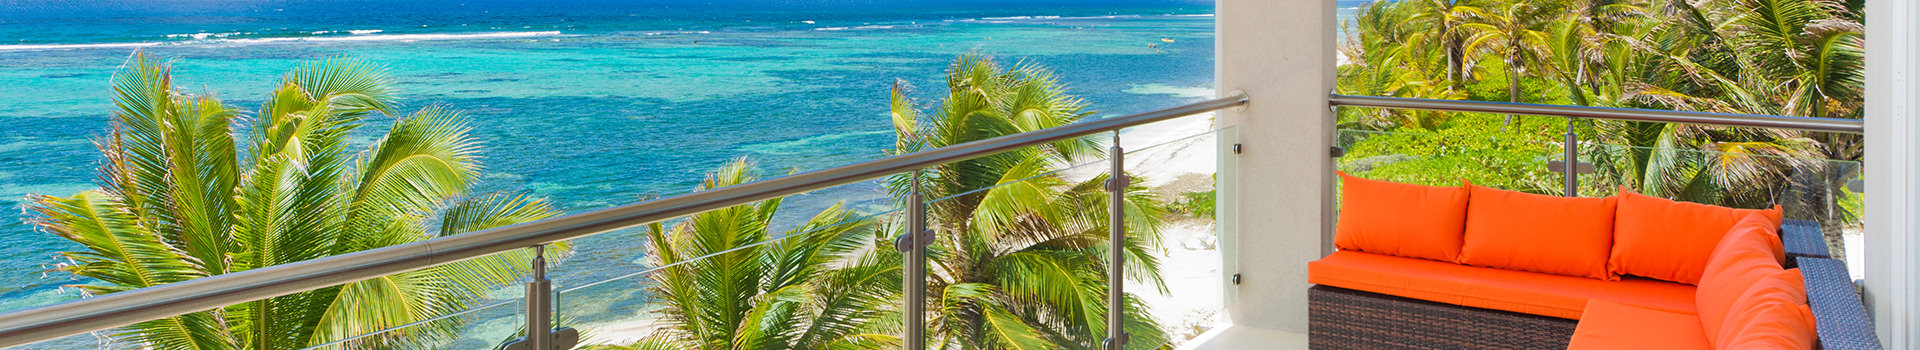 Sea Palm Villas